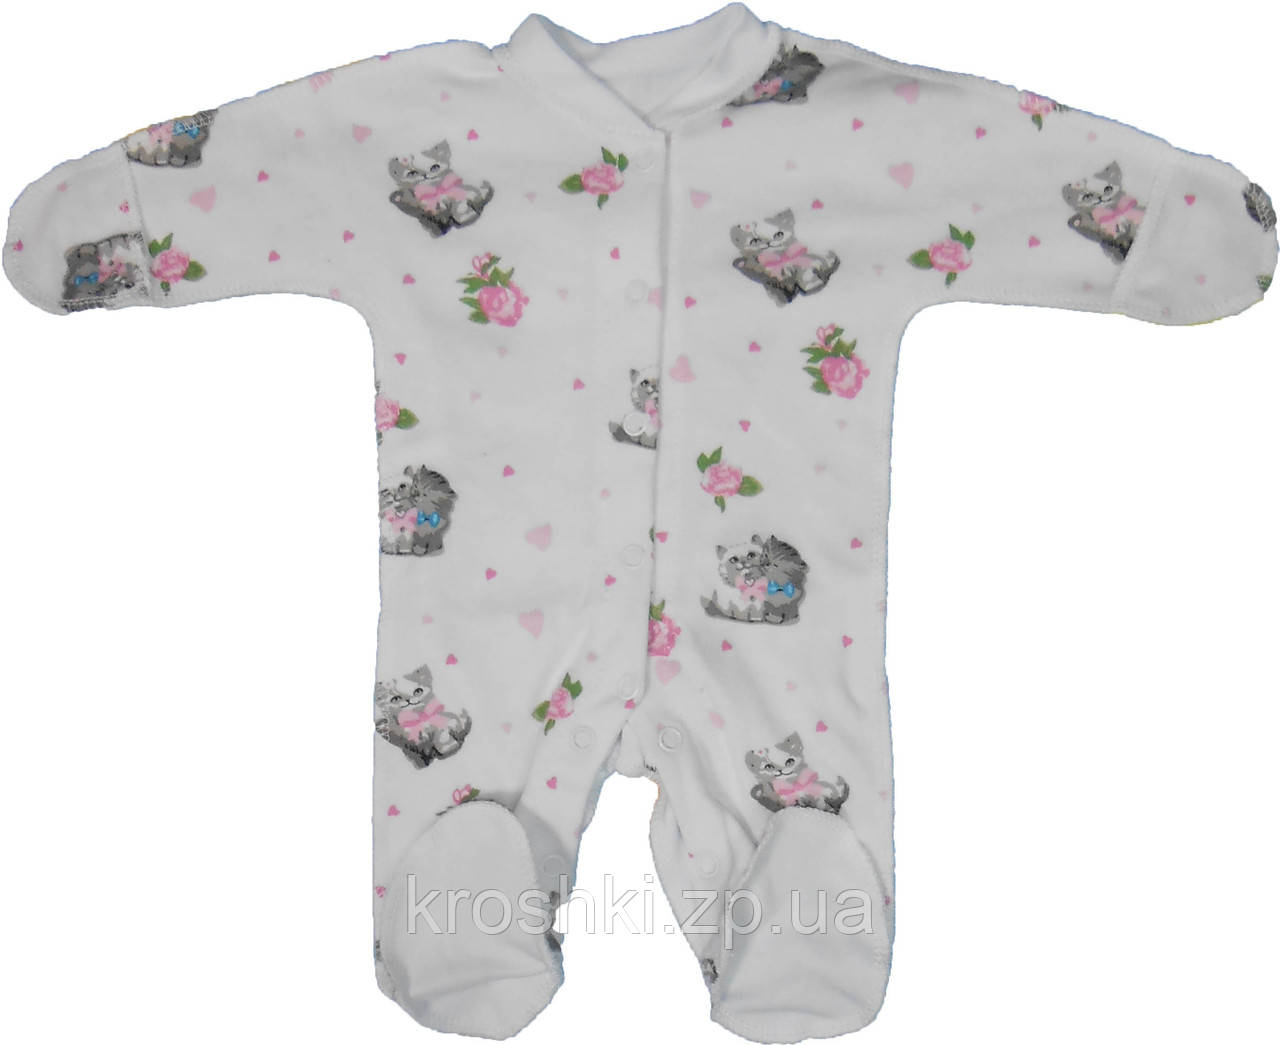 Человечек для маловесных детей интерлок рост 42,46,50, одежда для недоношенных